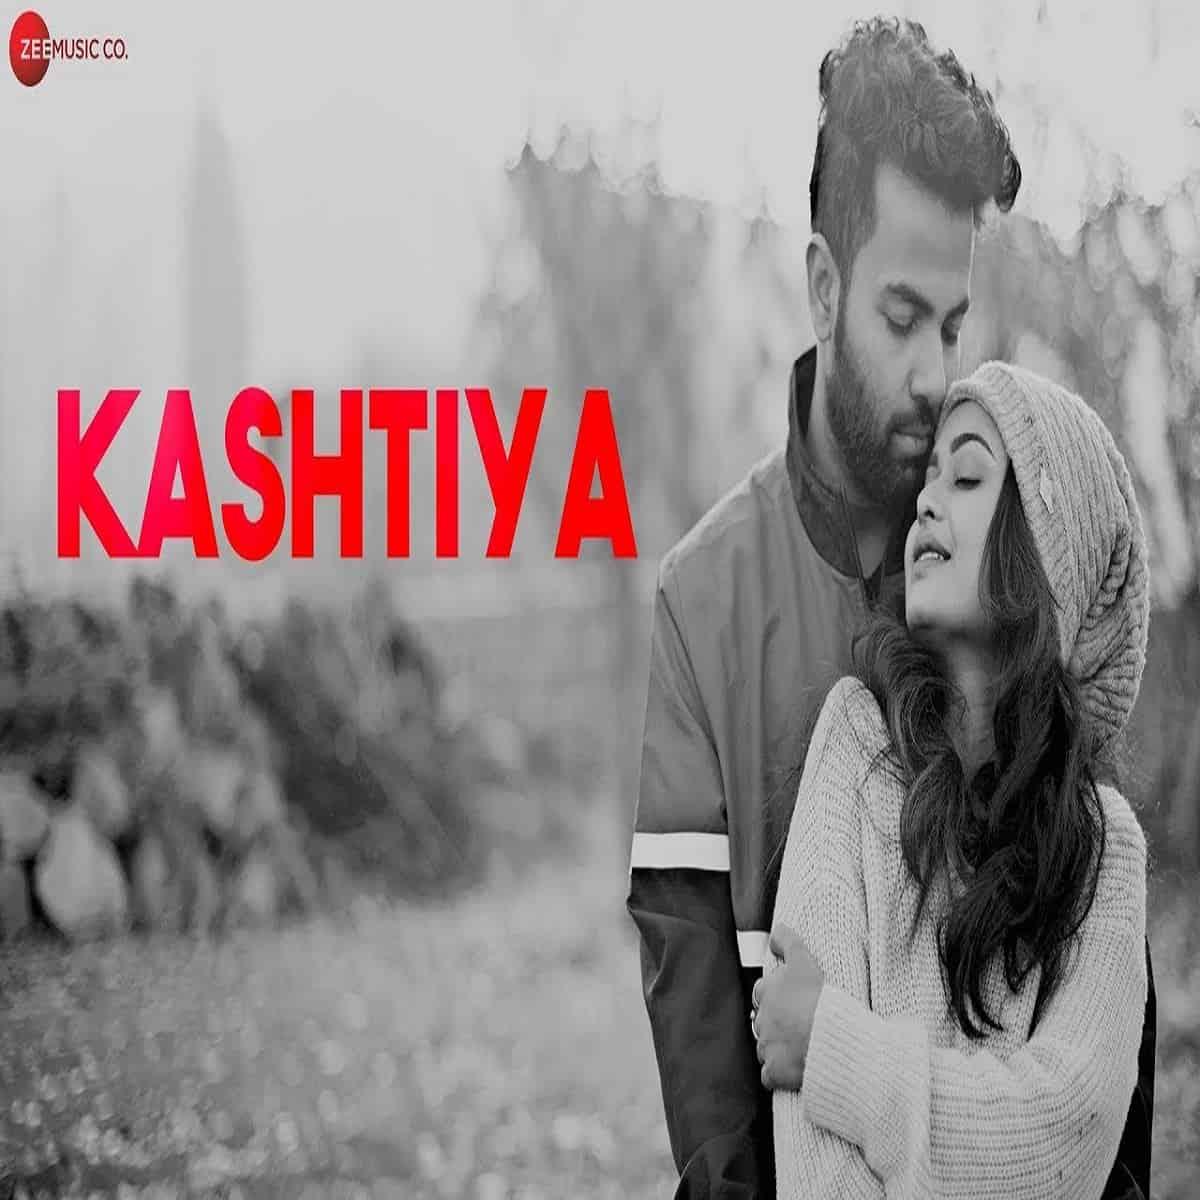 Kashtiya Lyrics